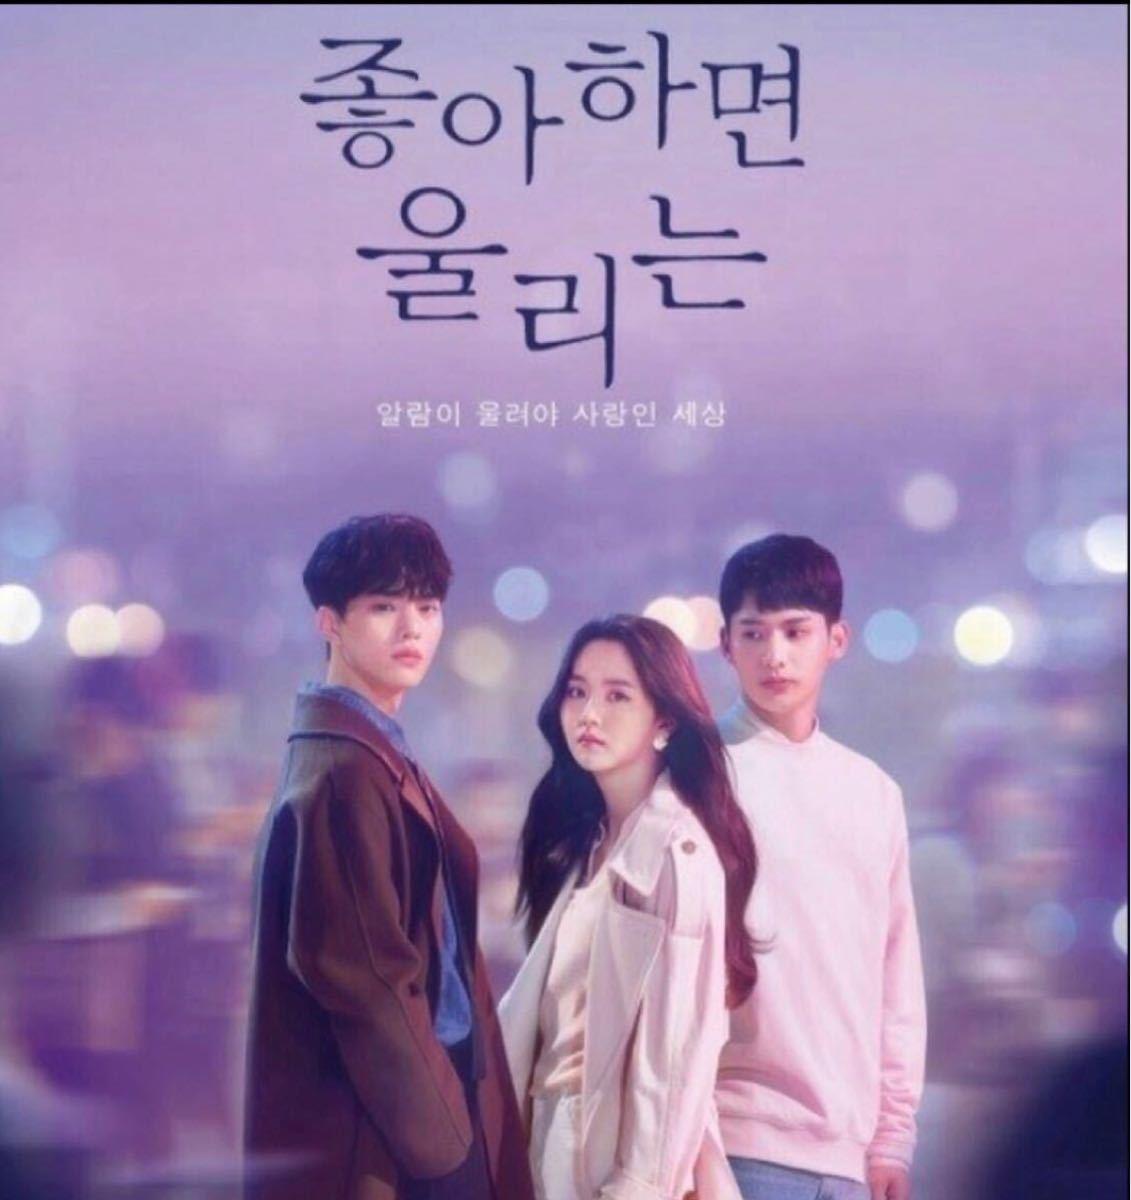 韓国ドラマ ラブアラーム  恋するアプリ DVD  season 1 & 2 セット